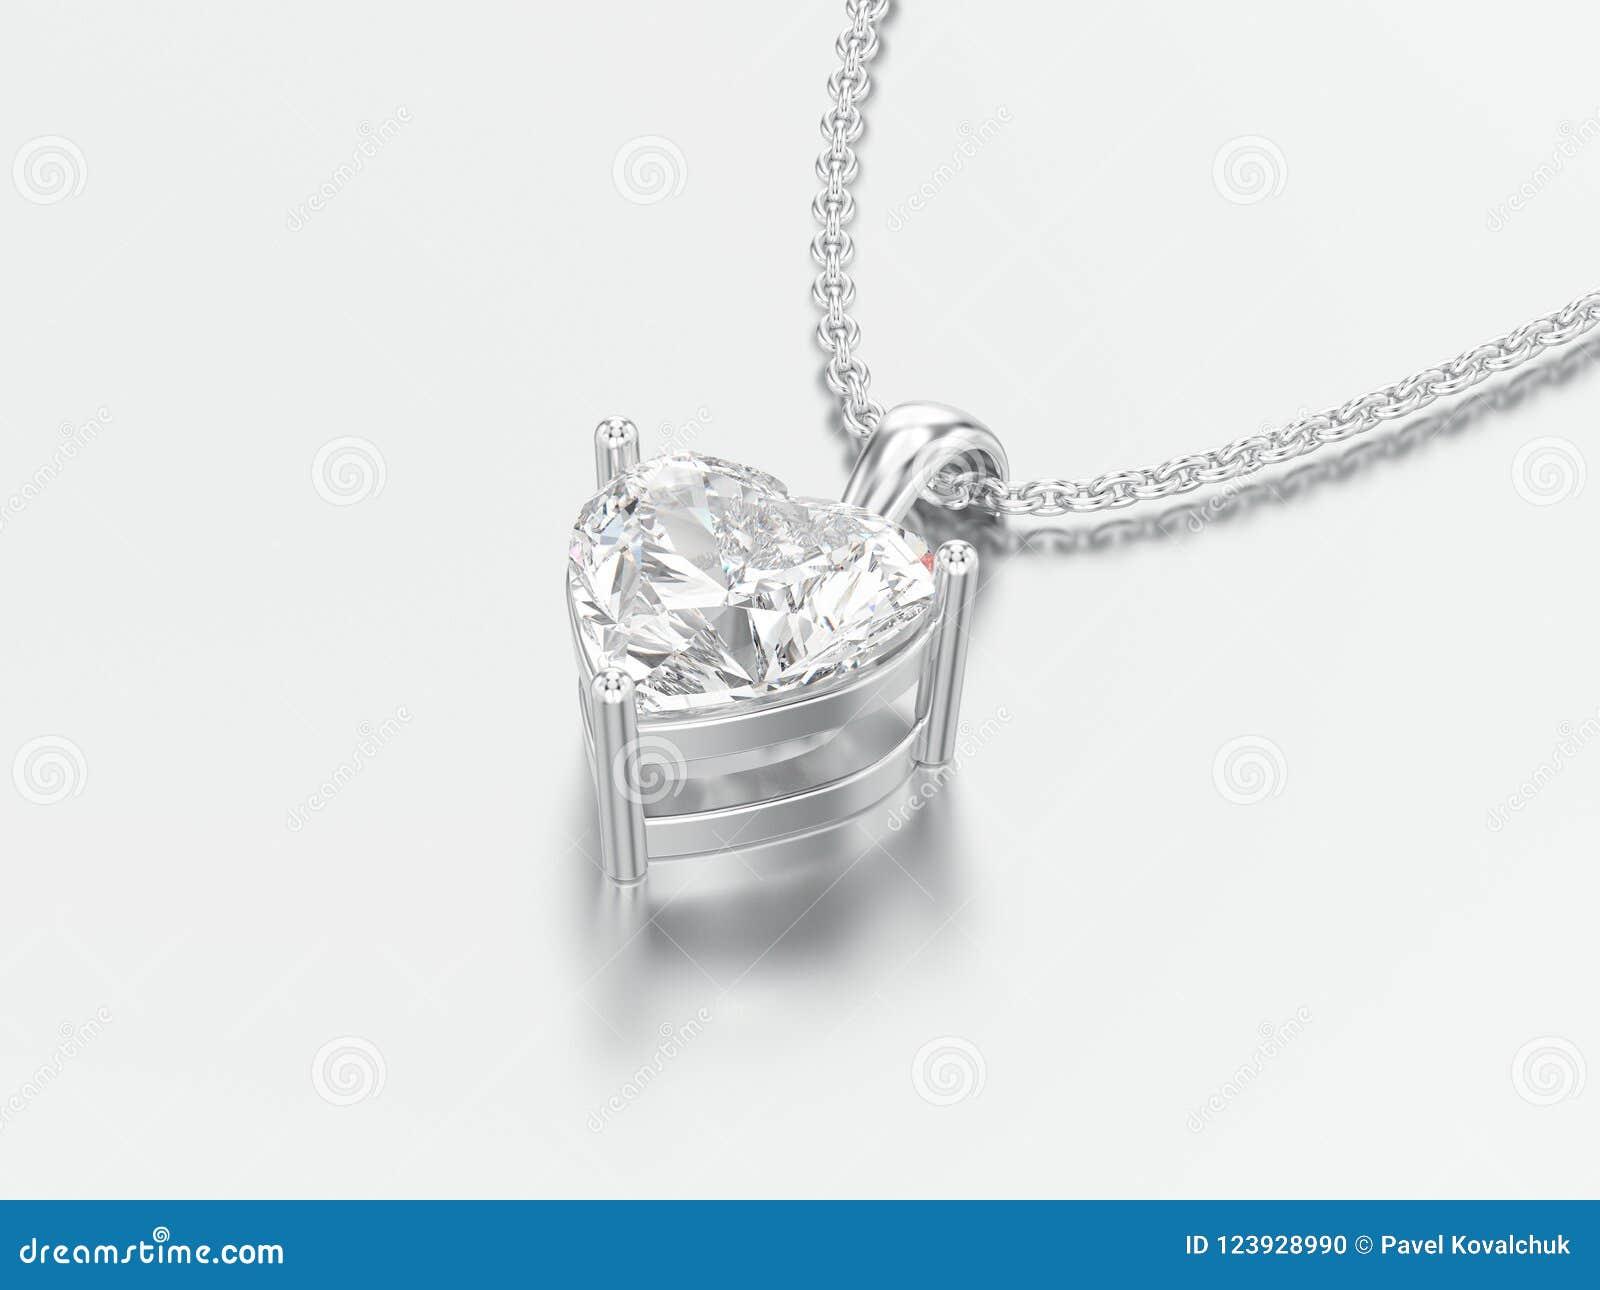 3D illustratiewitgoud of de zilveren grote halsband van de hartdiamant